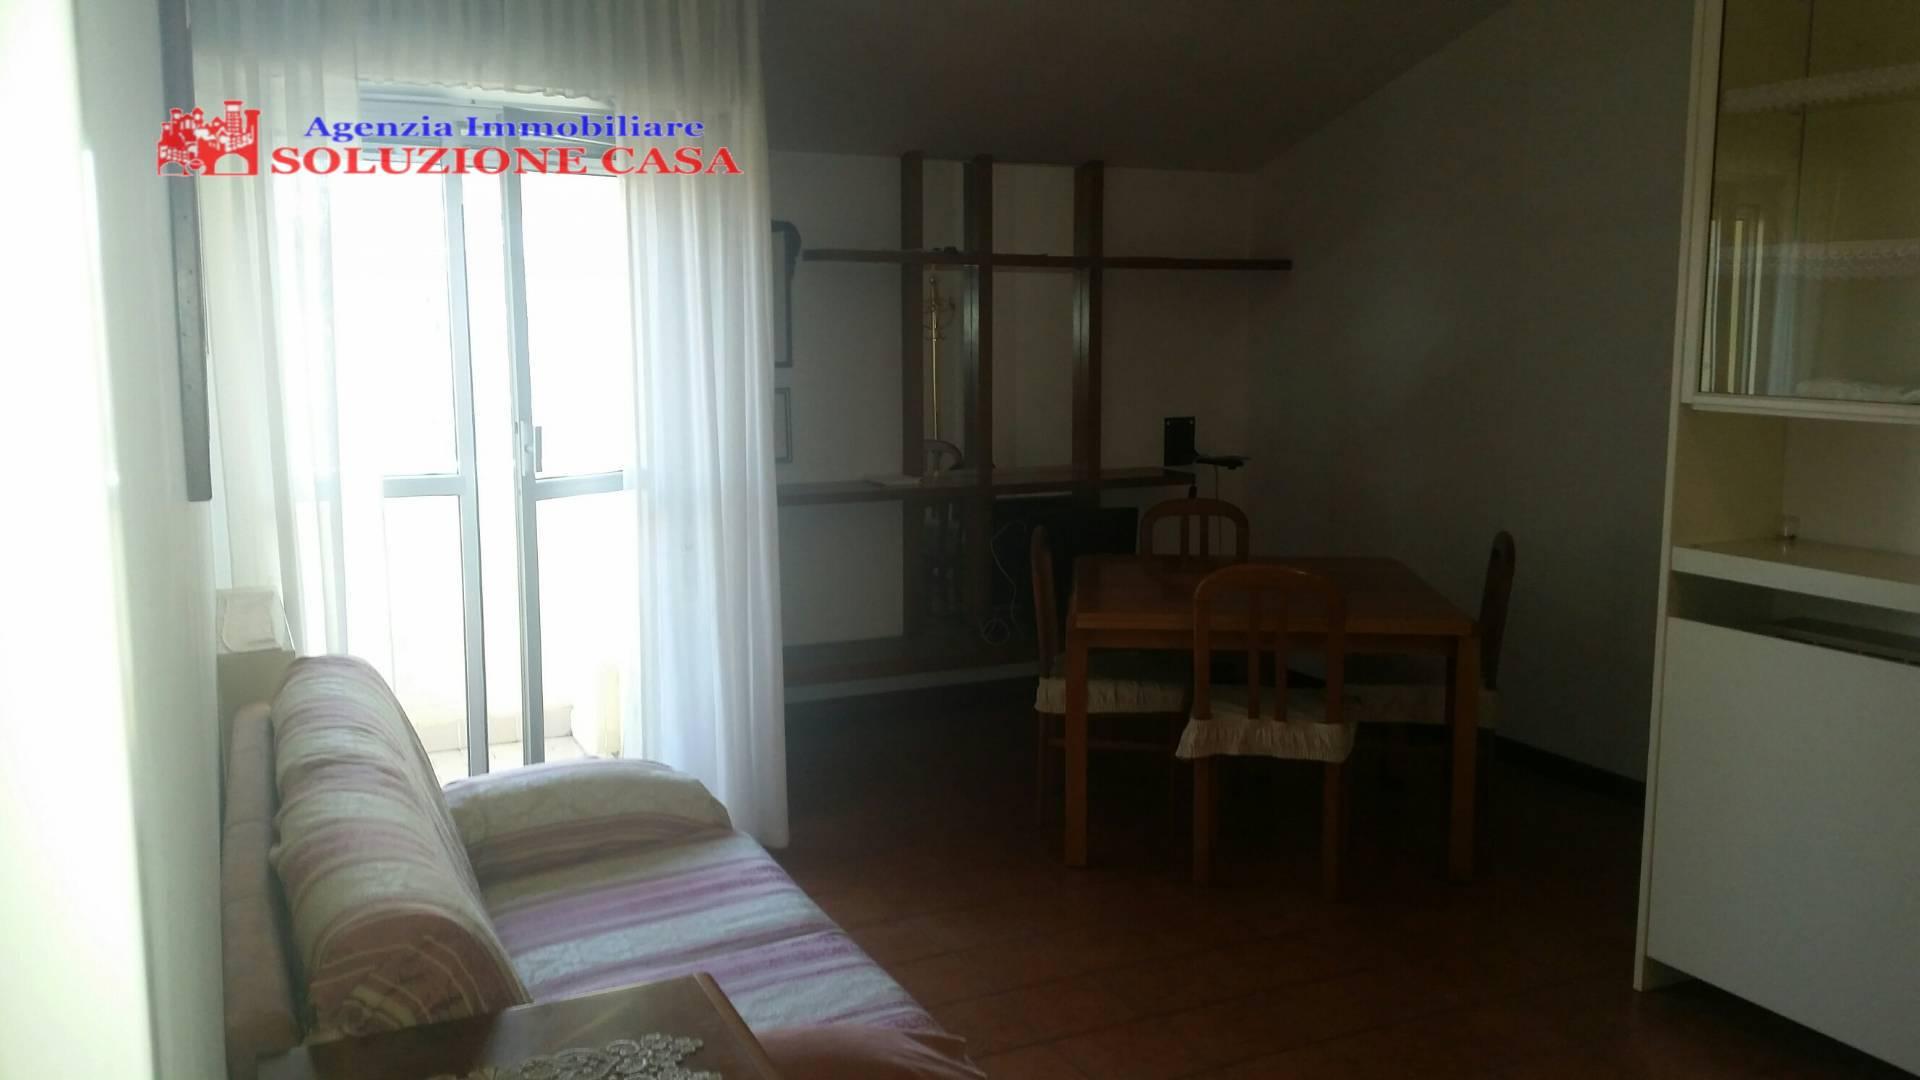 Appartamento in affitto a Argelato, 3 locali, zona Zona: Funo, prezzo € 500 | Cambio Casa.it